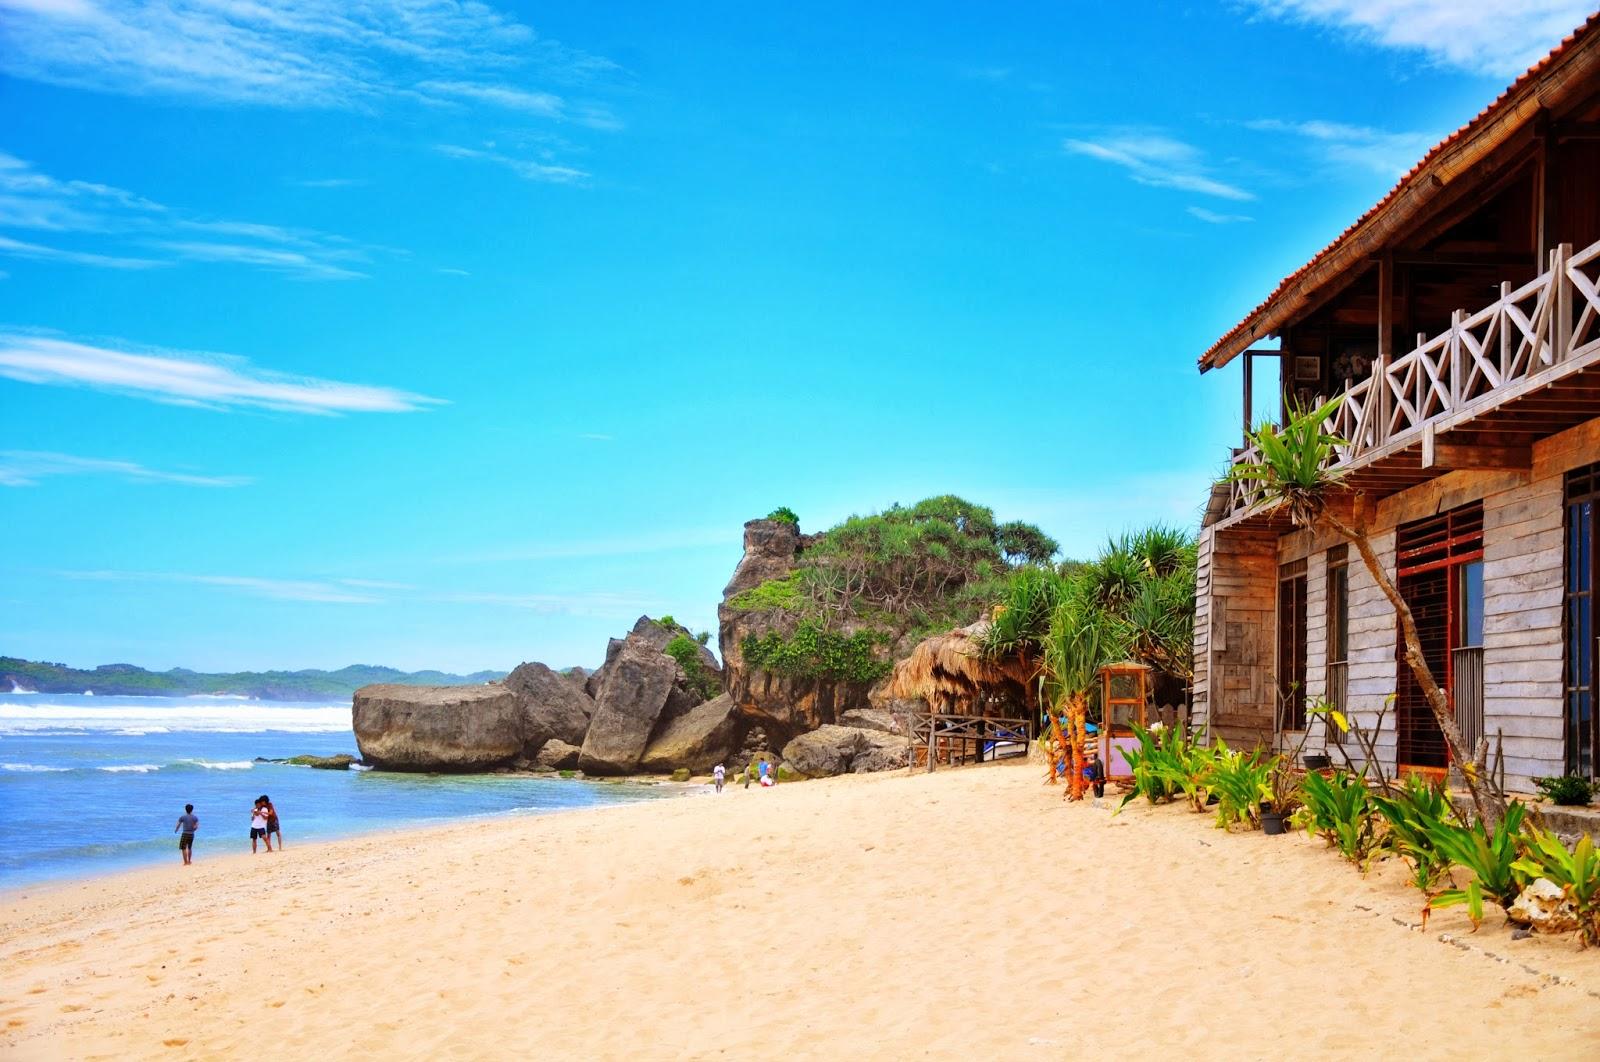 indrayanti beach of yogyakarta indonesia travel guide rh goindonesianow blogspot com hotel di pantai selatan jogja penginapan di pantai jogja murah